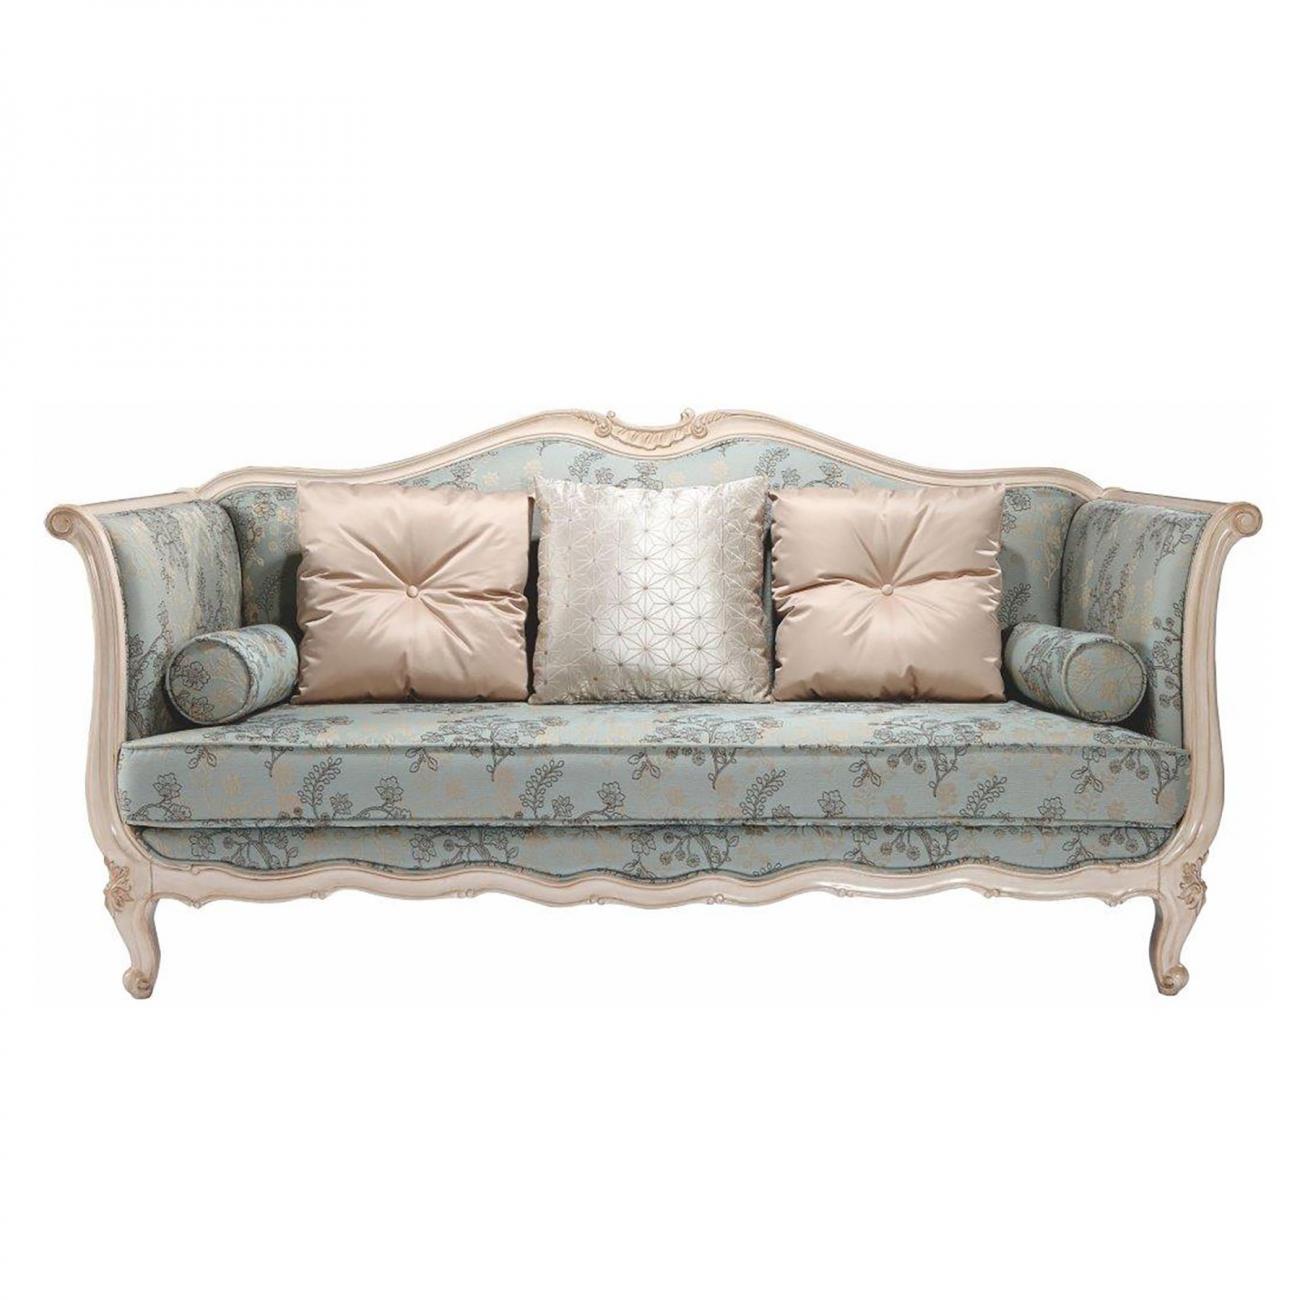 Купить Диван Flamboyn Medio в интернет магазине дизайнерской мебели и аксессуаров для дома и дачи